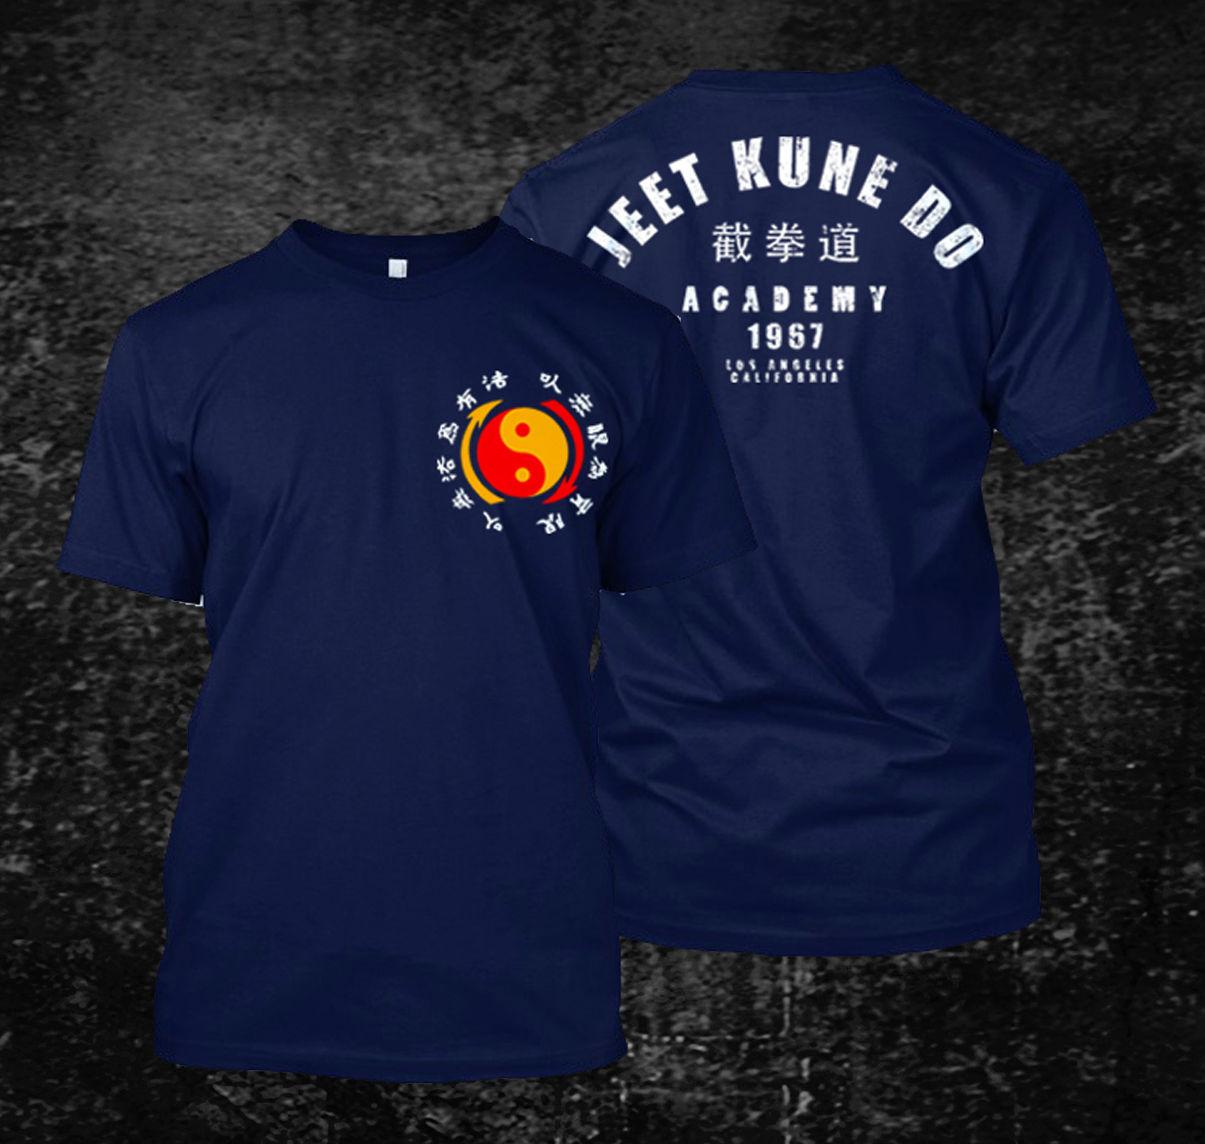 Venda quente jeet kune do academy t-camisa masculina de manga curta 100% algodão t camisa hip hop camisetas topos harajuku streetwear 3